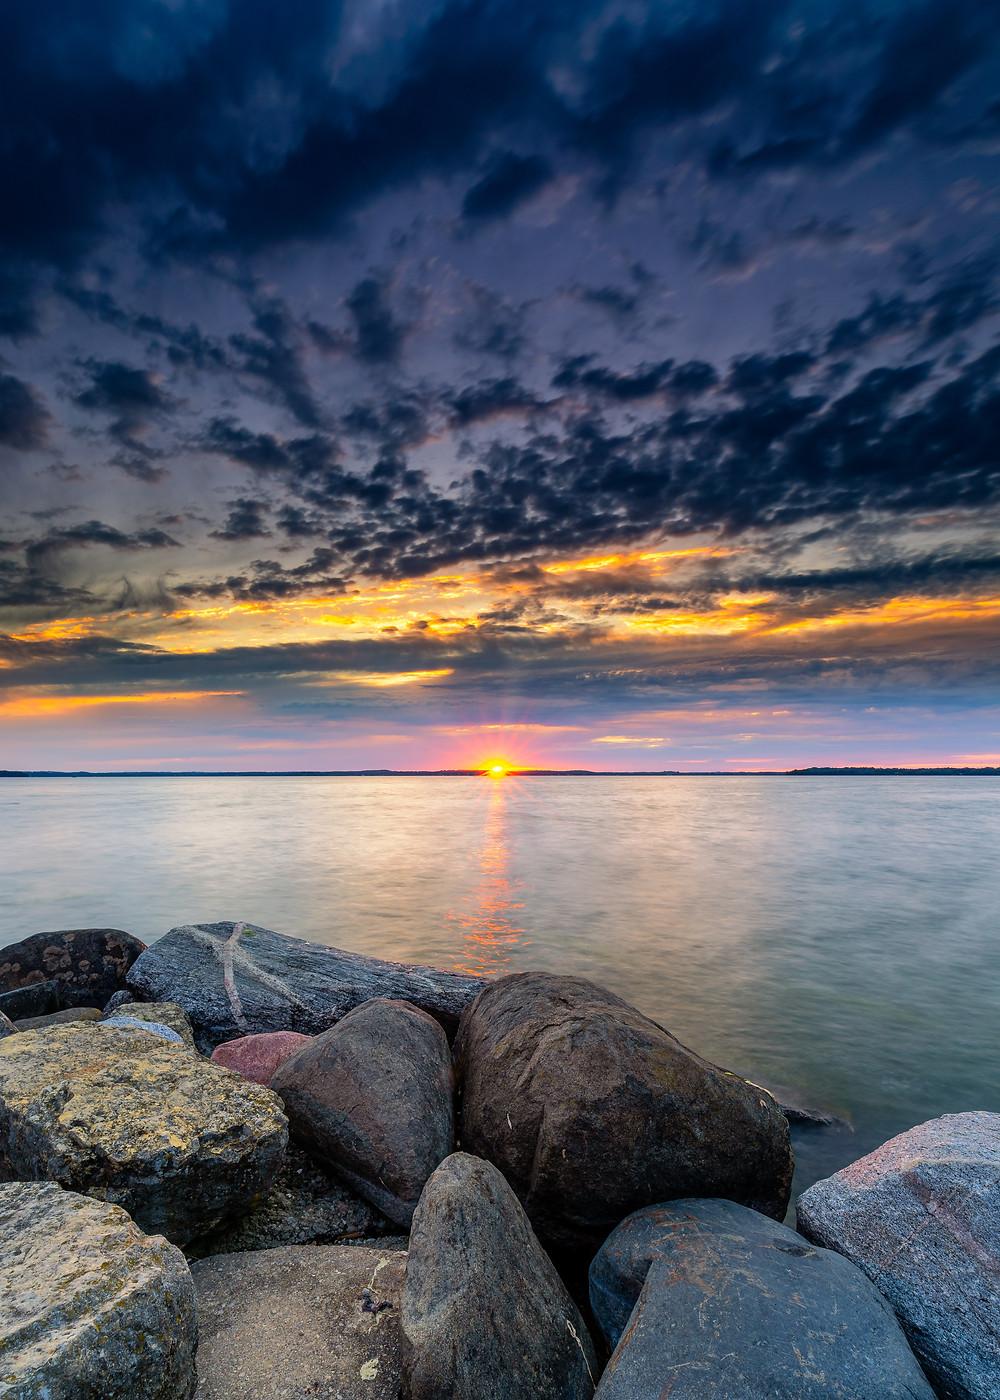 El universo está siempre en un estado de equilibrio. Un problema, dificultad o situación difícil no puede existir a menos que su solución exista al mismo tiempo.